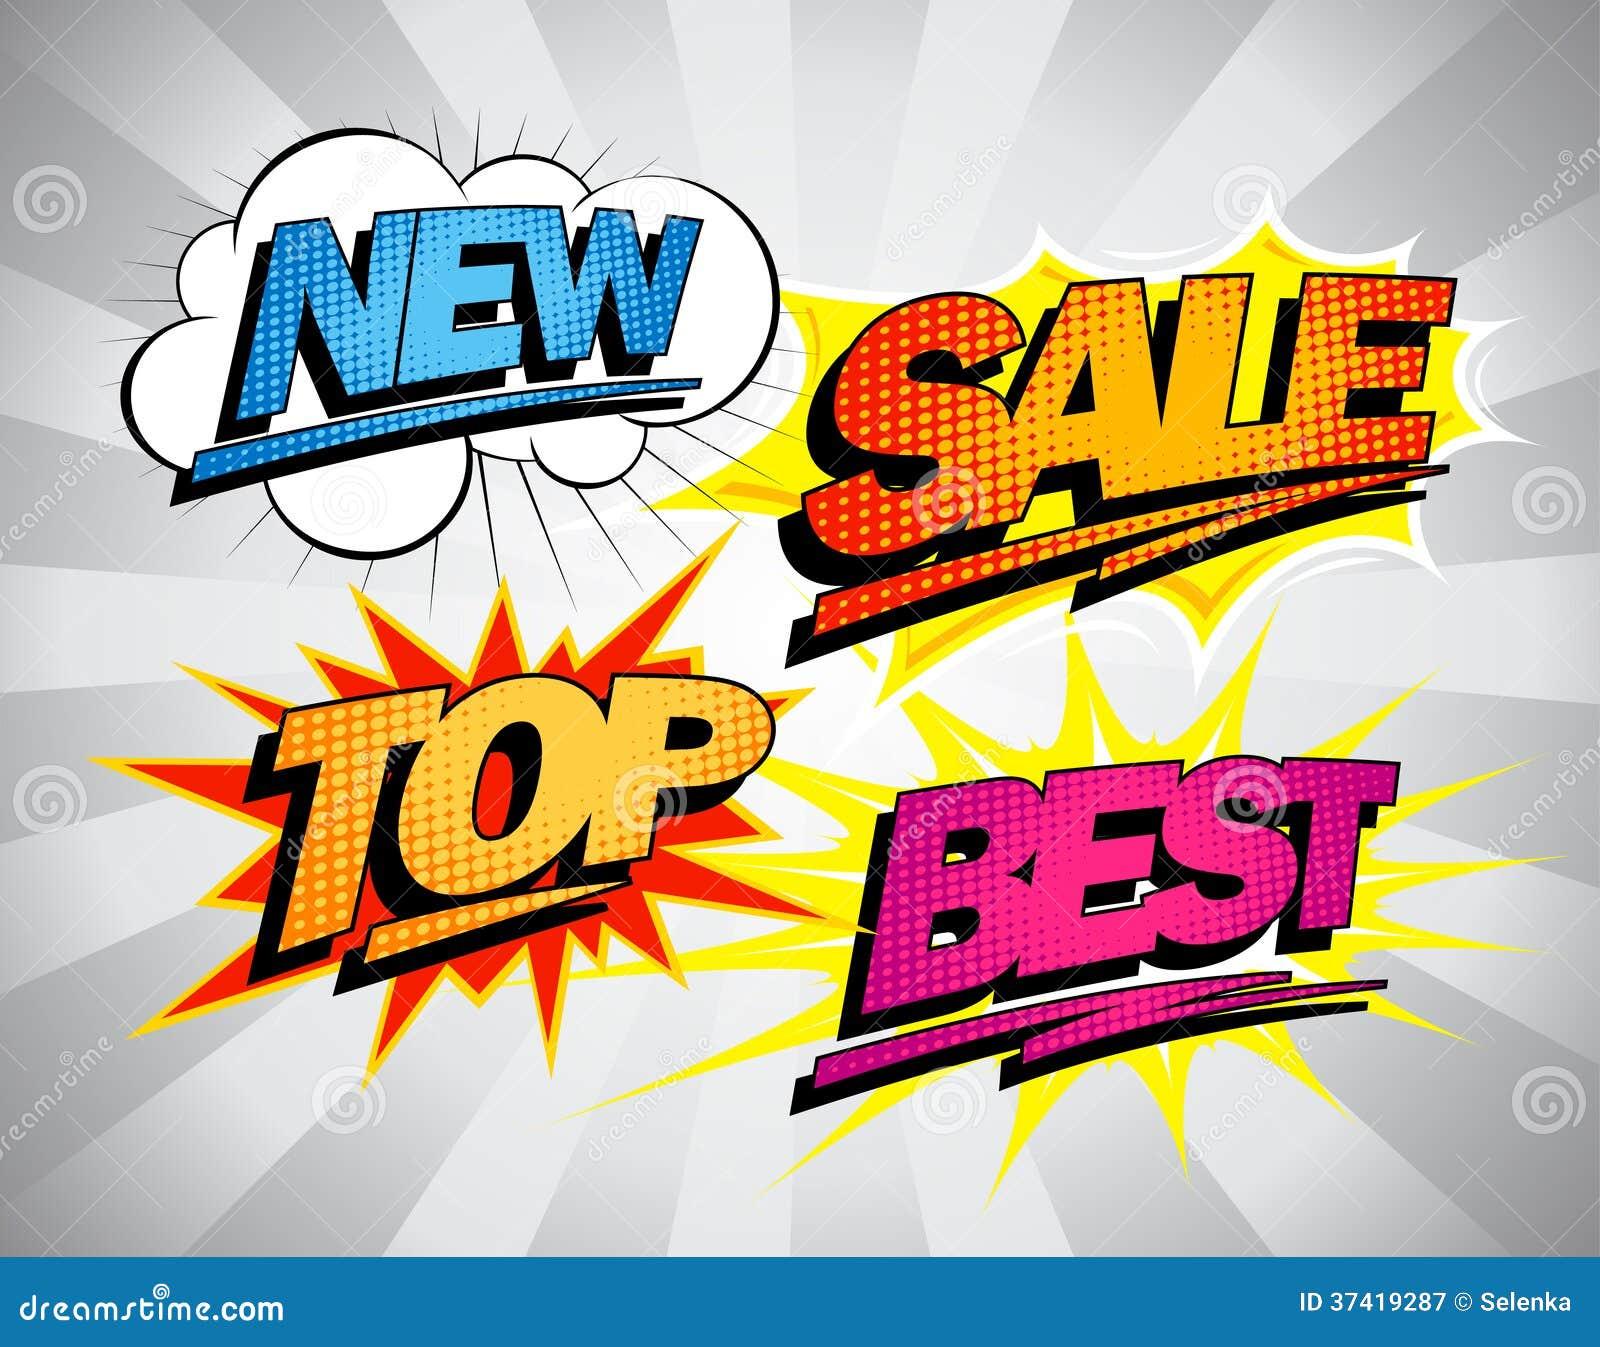 Best Sales: Best Sale Symbols In Pop-art Style. Stock Vector